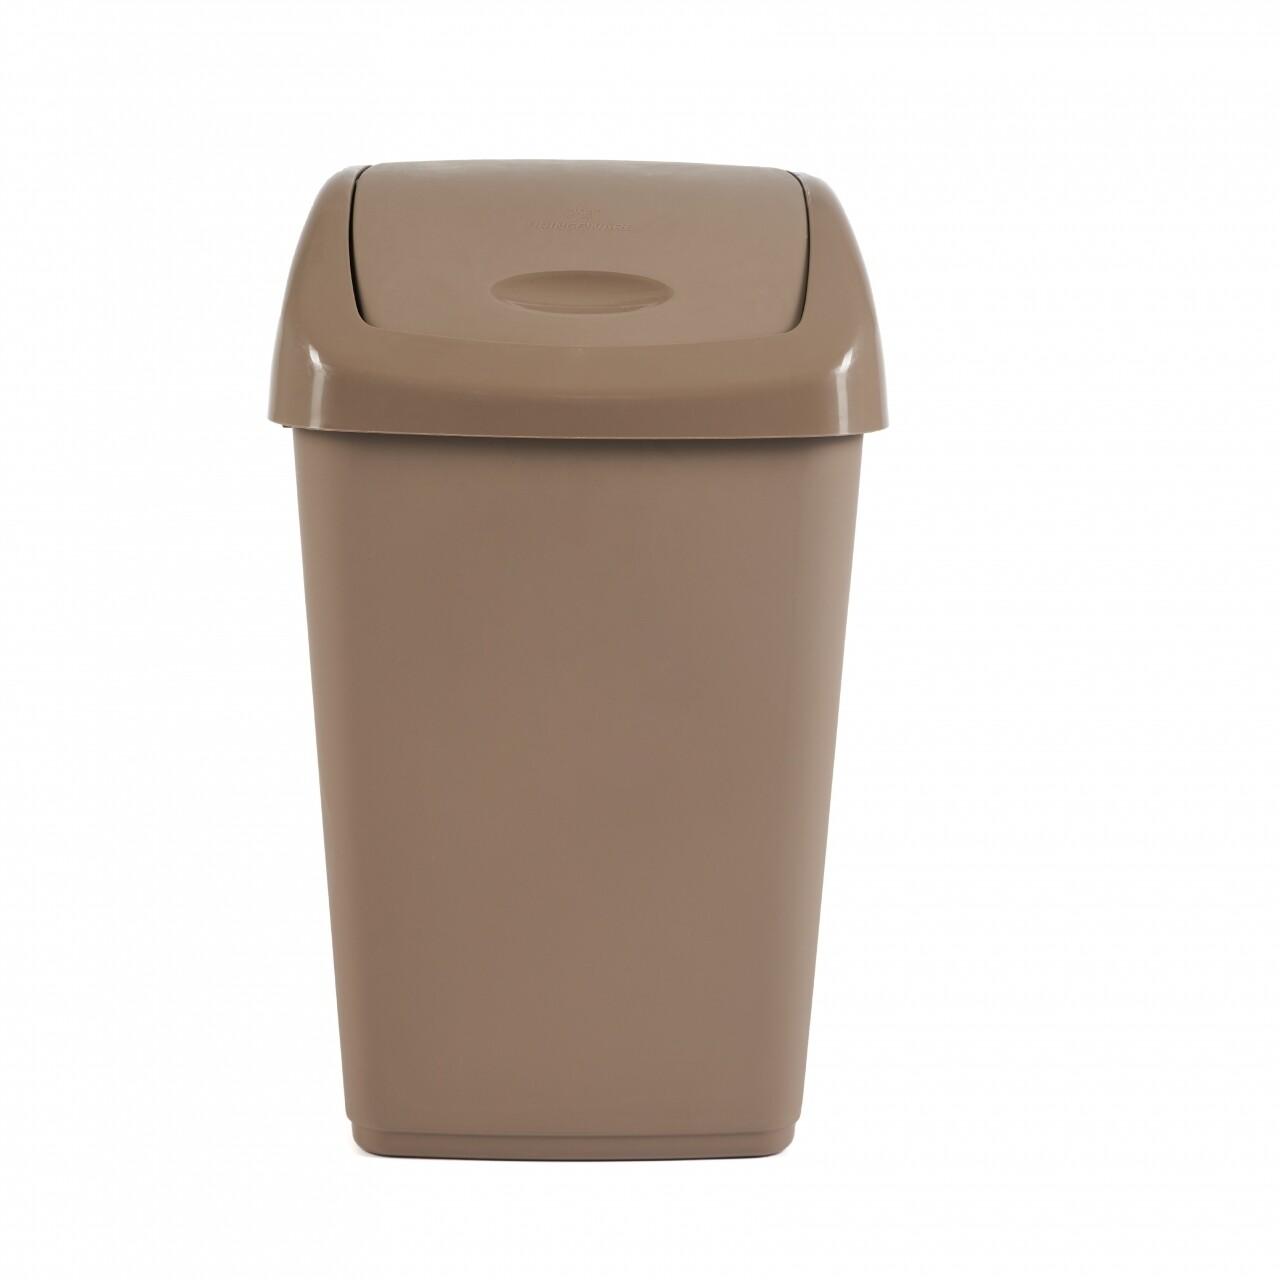 Cos de gunoi cu capac batant Kara Brown, 50L, Heinner, plastic, maro